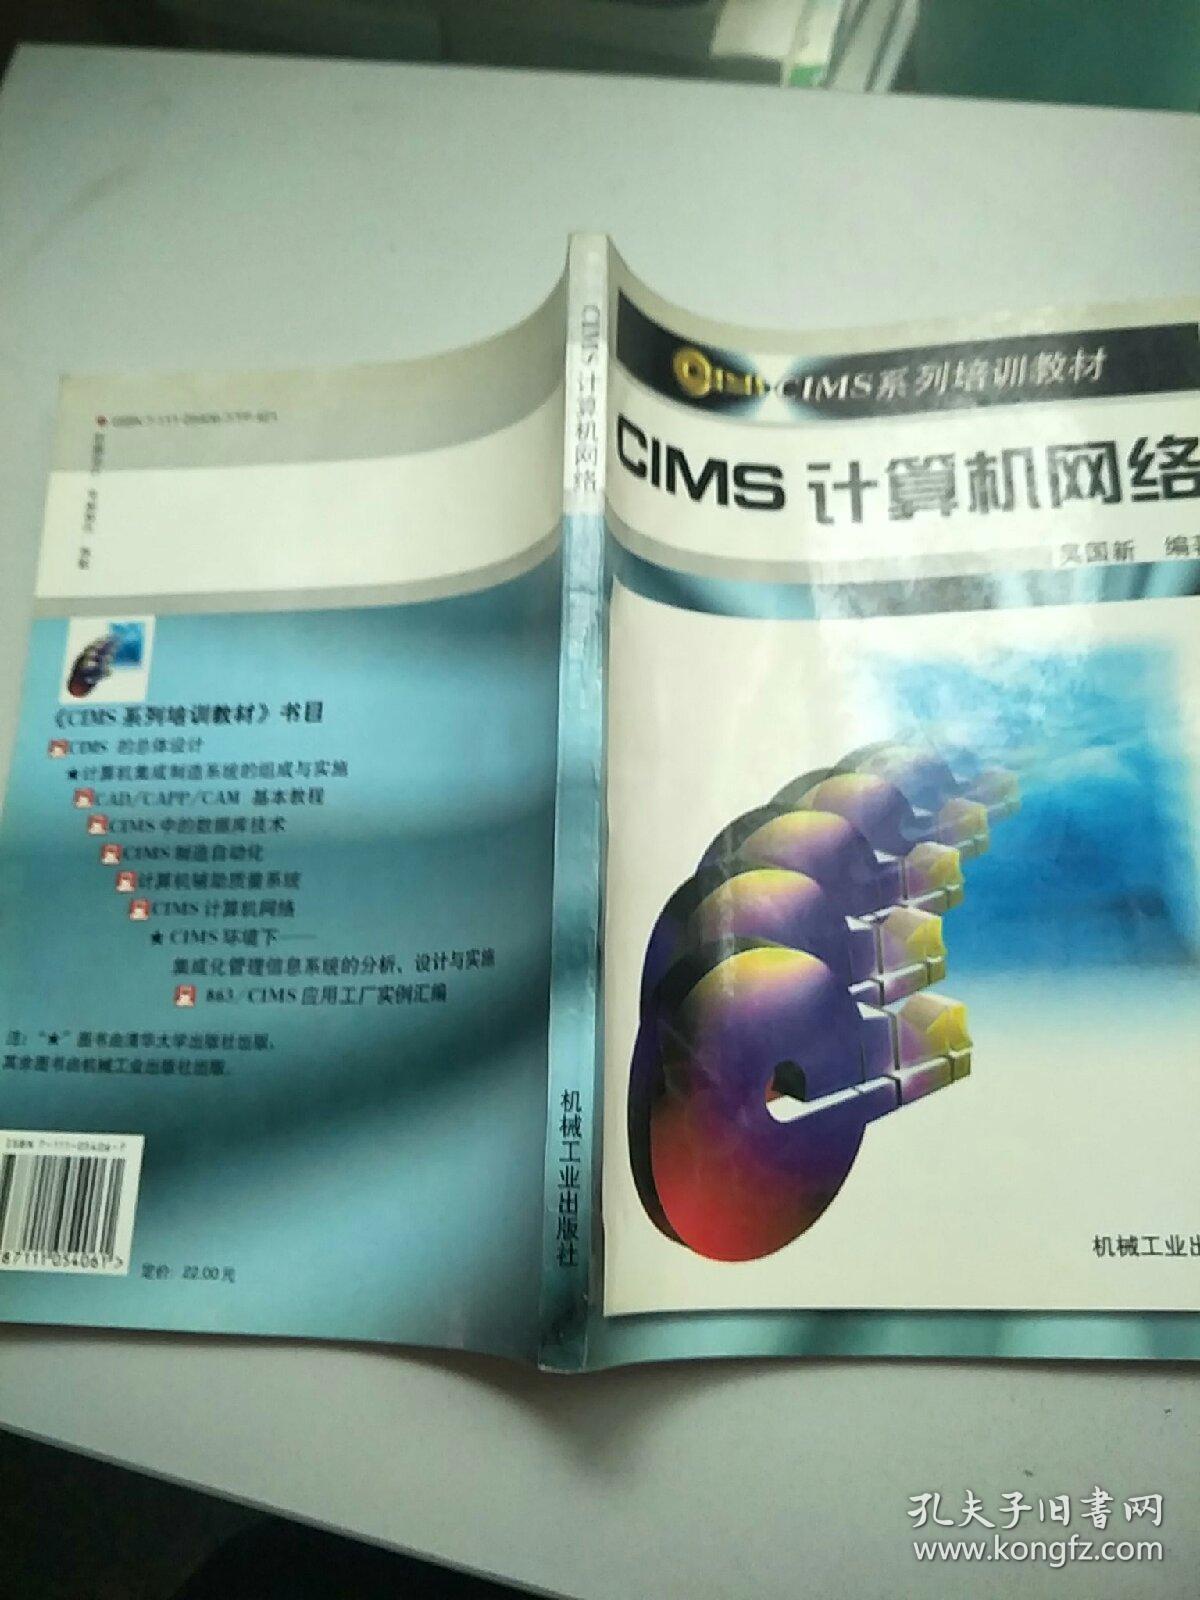 CIMS计算机网络   原版内页干净